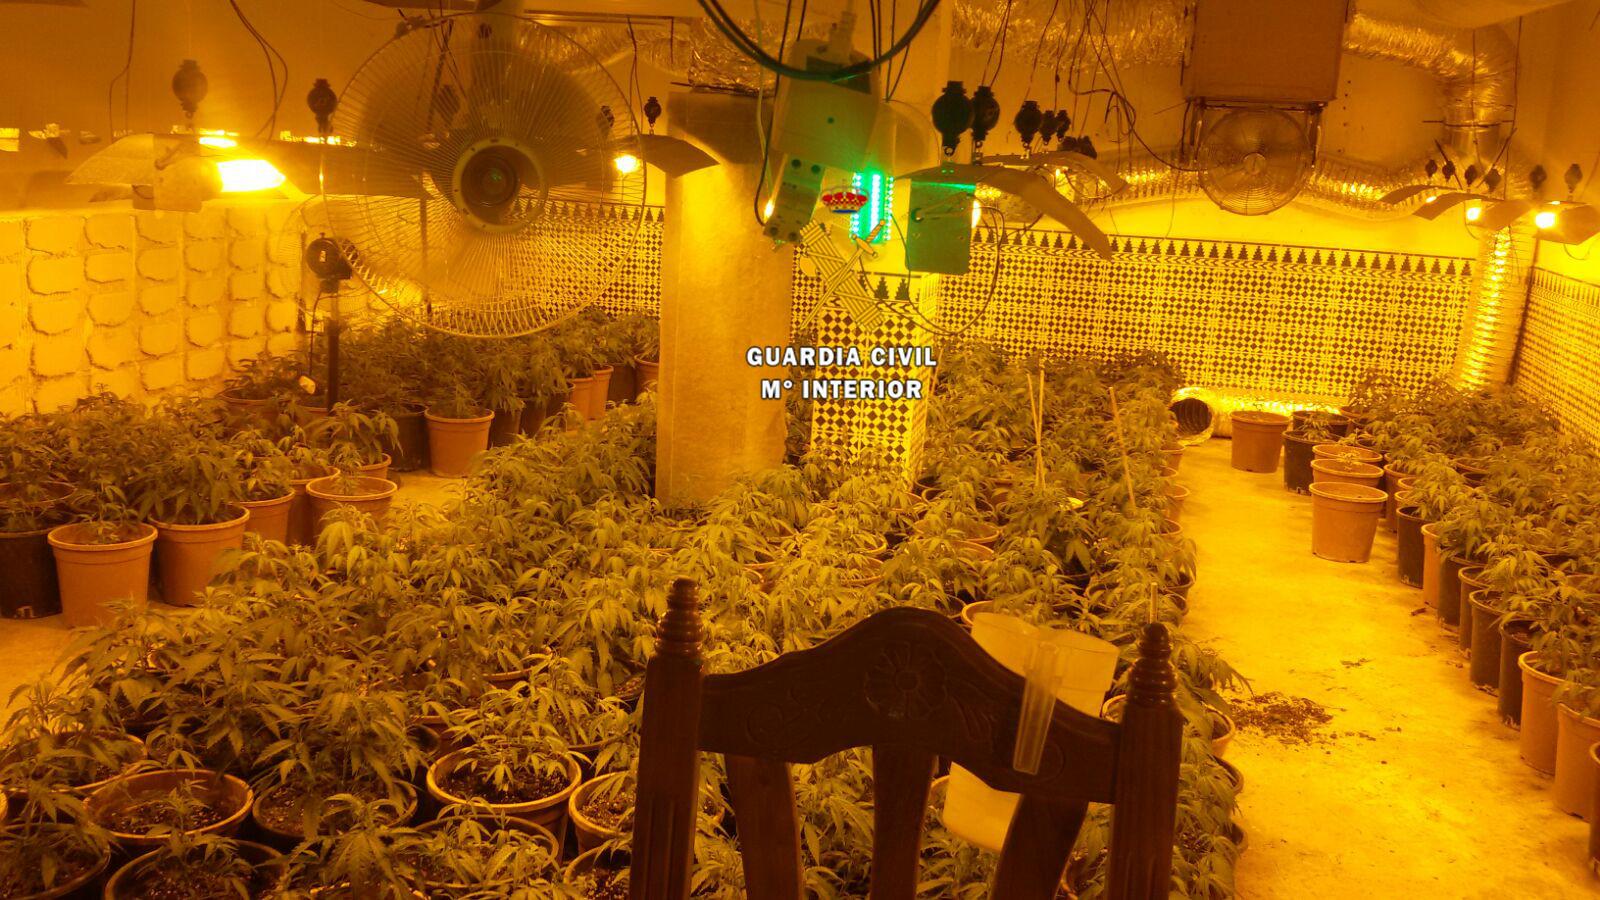 La Guardia Civil detiene a 7 personas por el cultivo de marihuana en el Valle del Guadalhorce